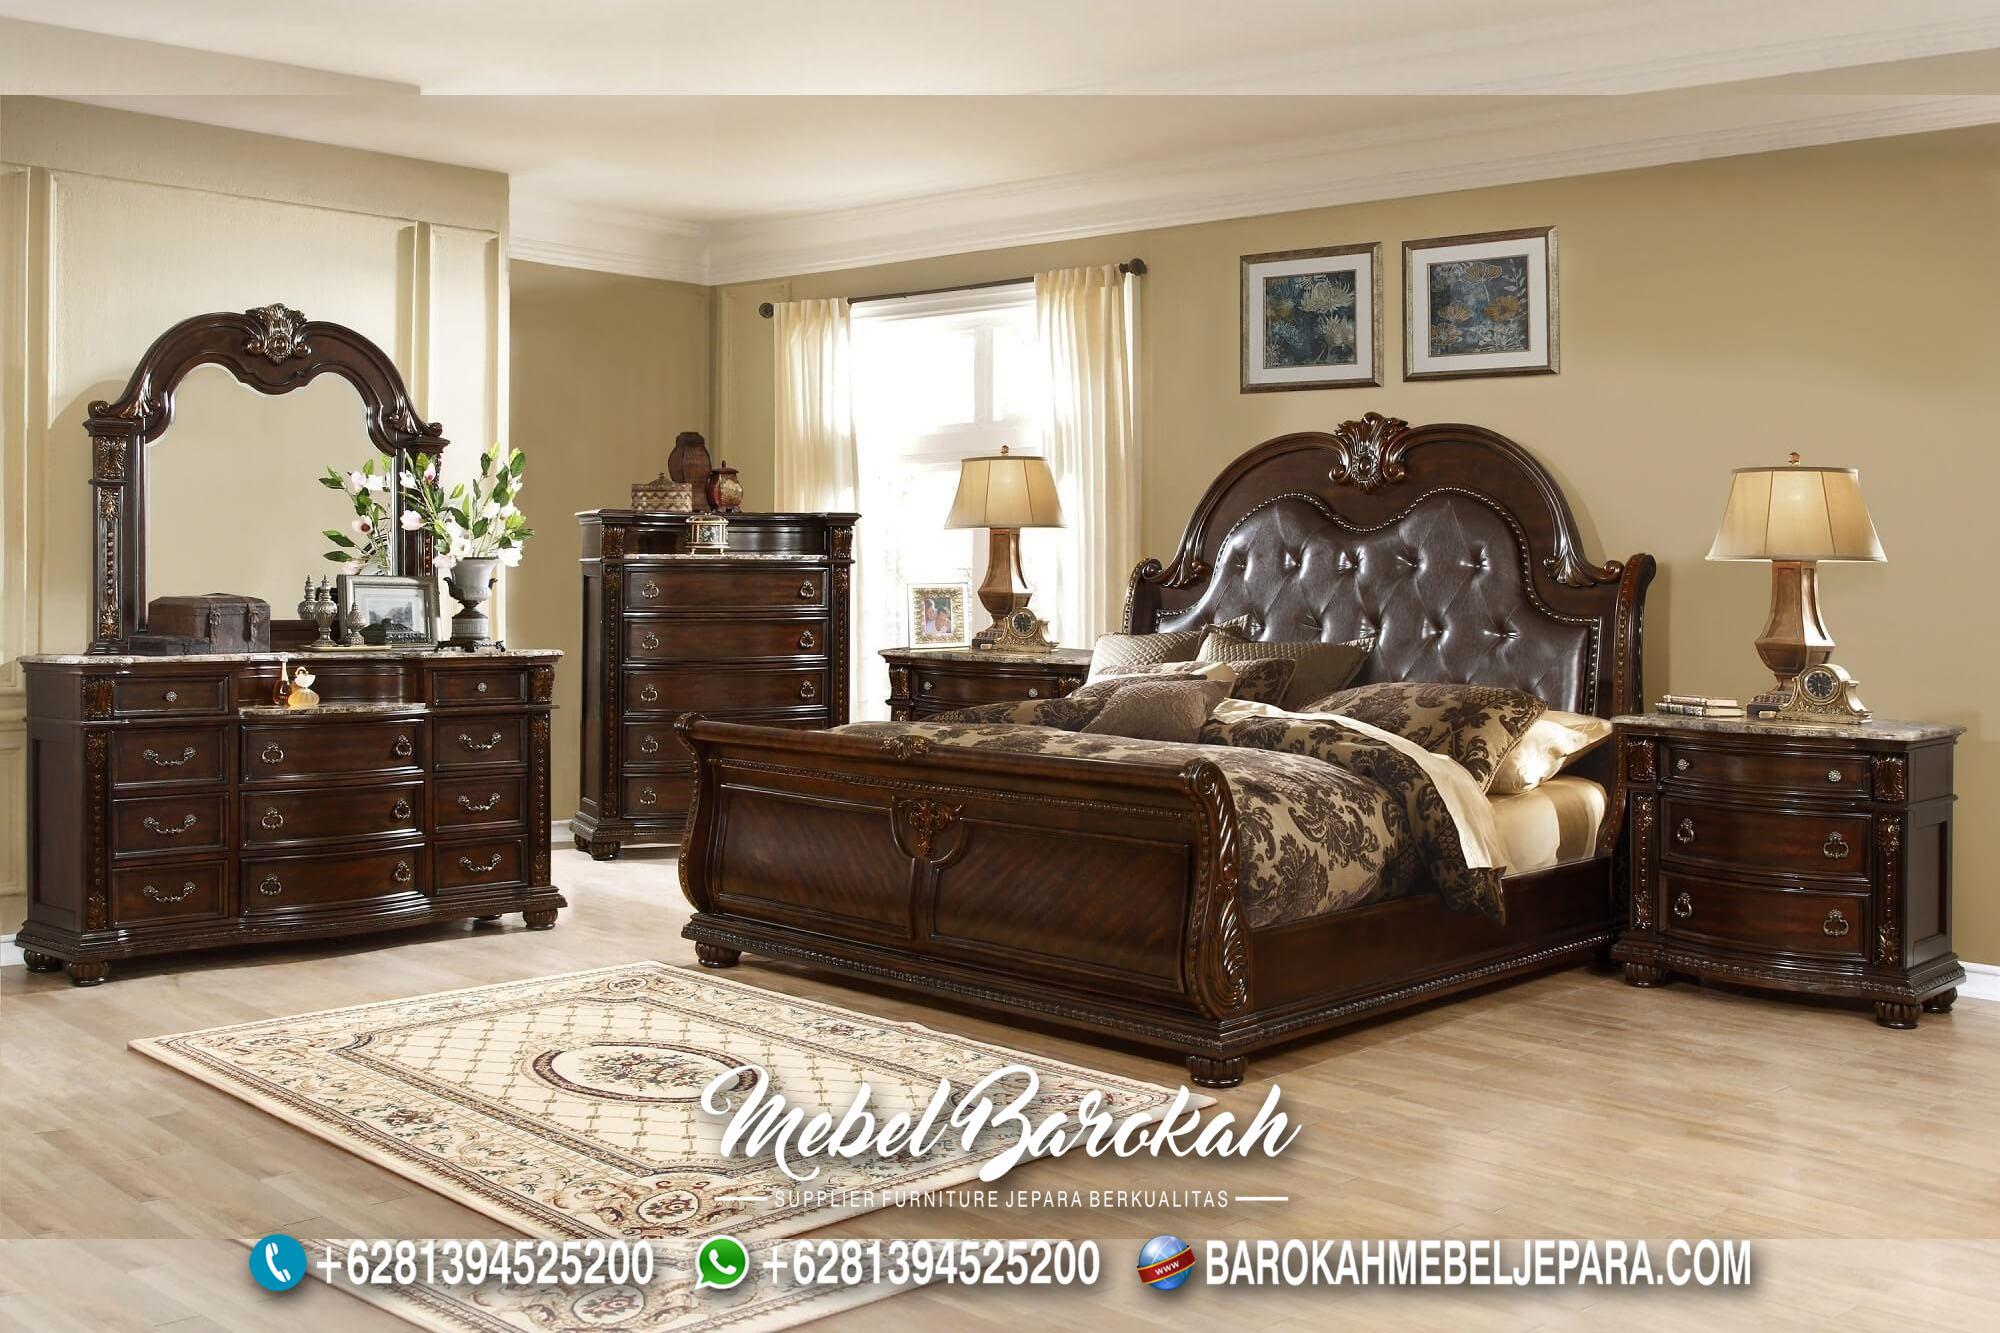 Best Bed Set Teak Wood Casual Brown MB-663